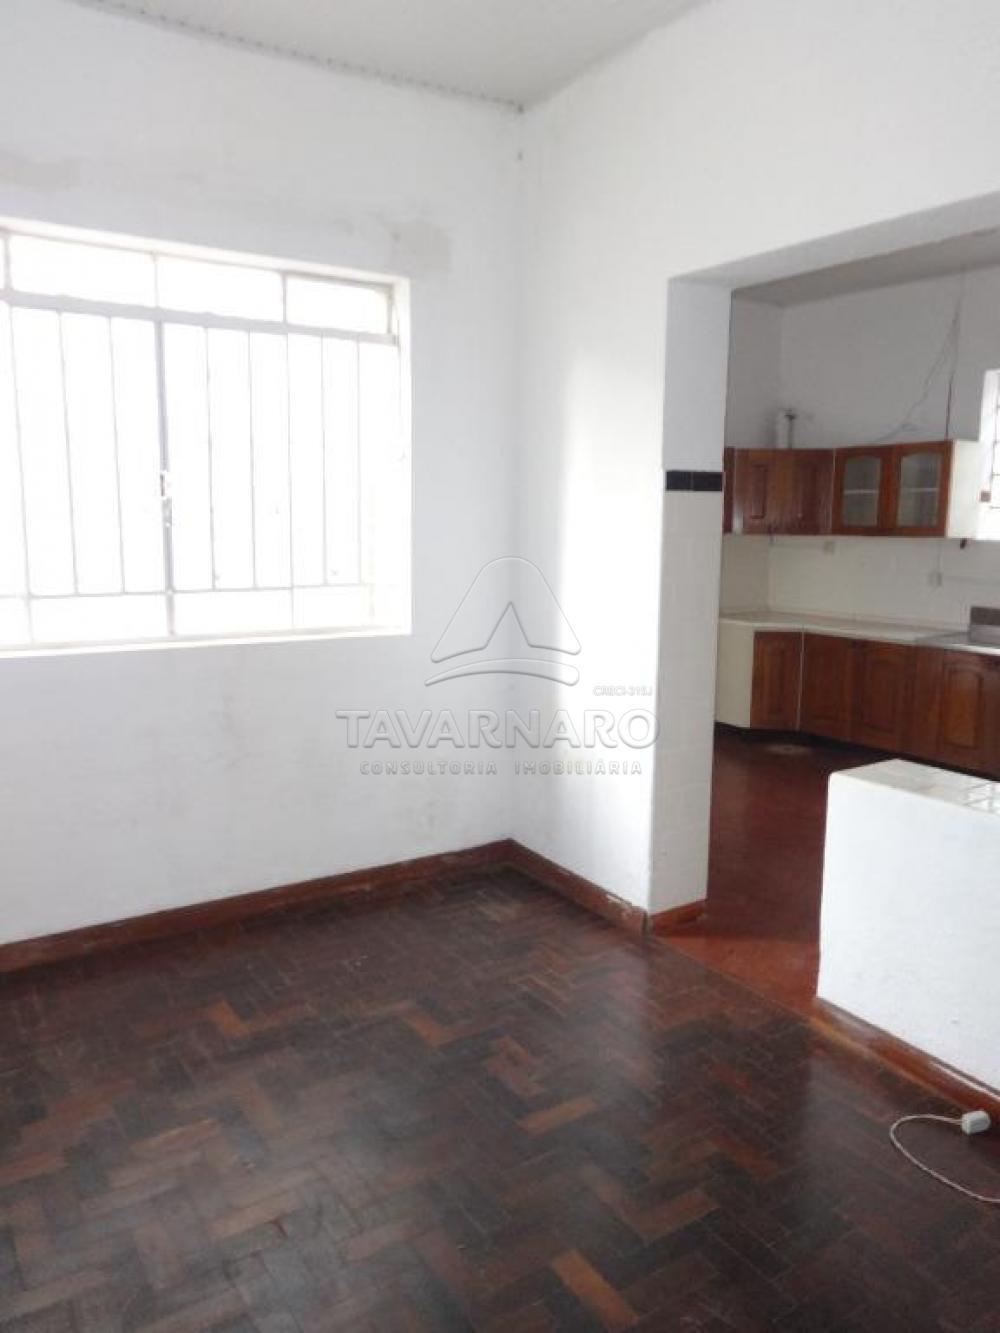 Alugar Comercial / Casa em Ponta Grossa apenas R$ 2.000,00 - Foto 10